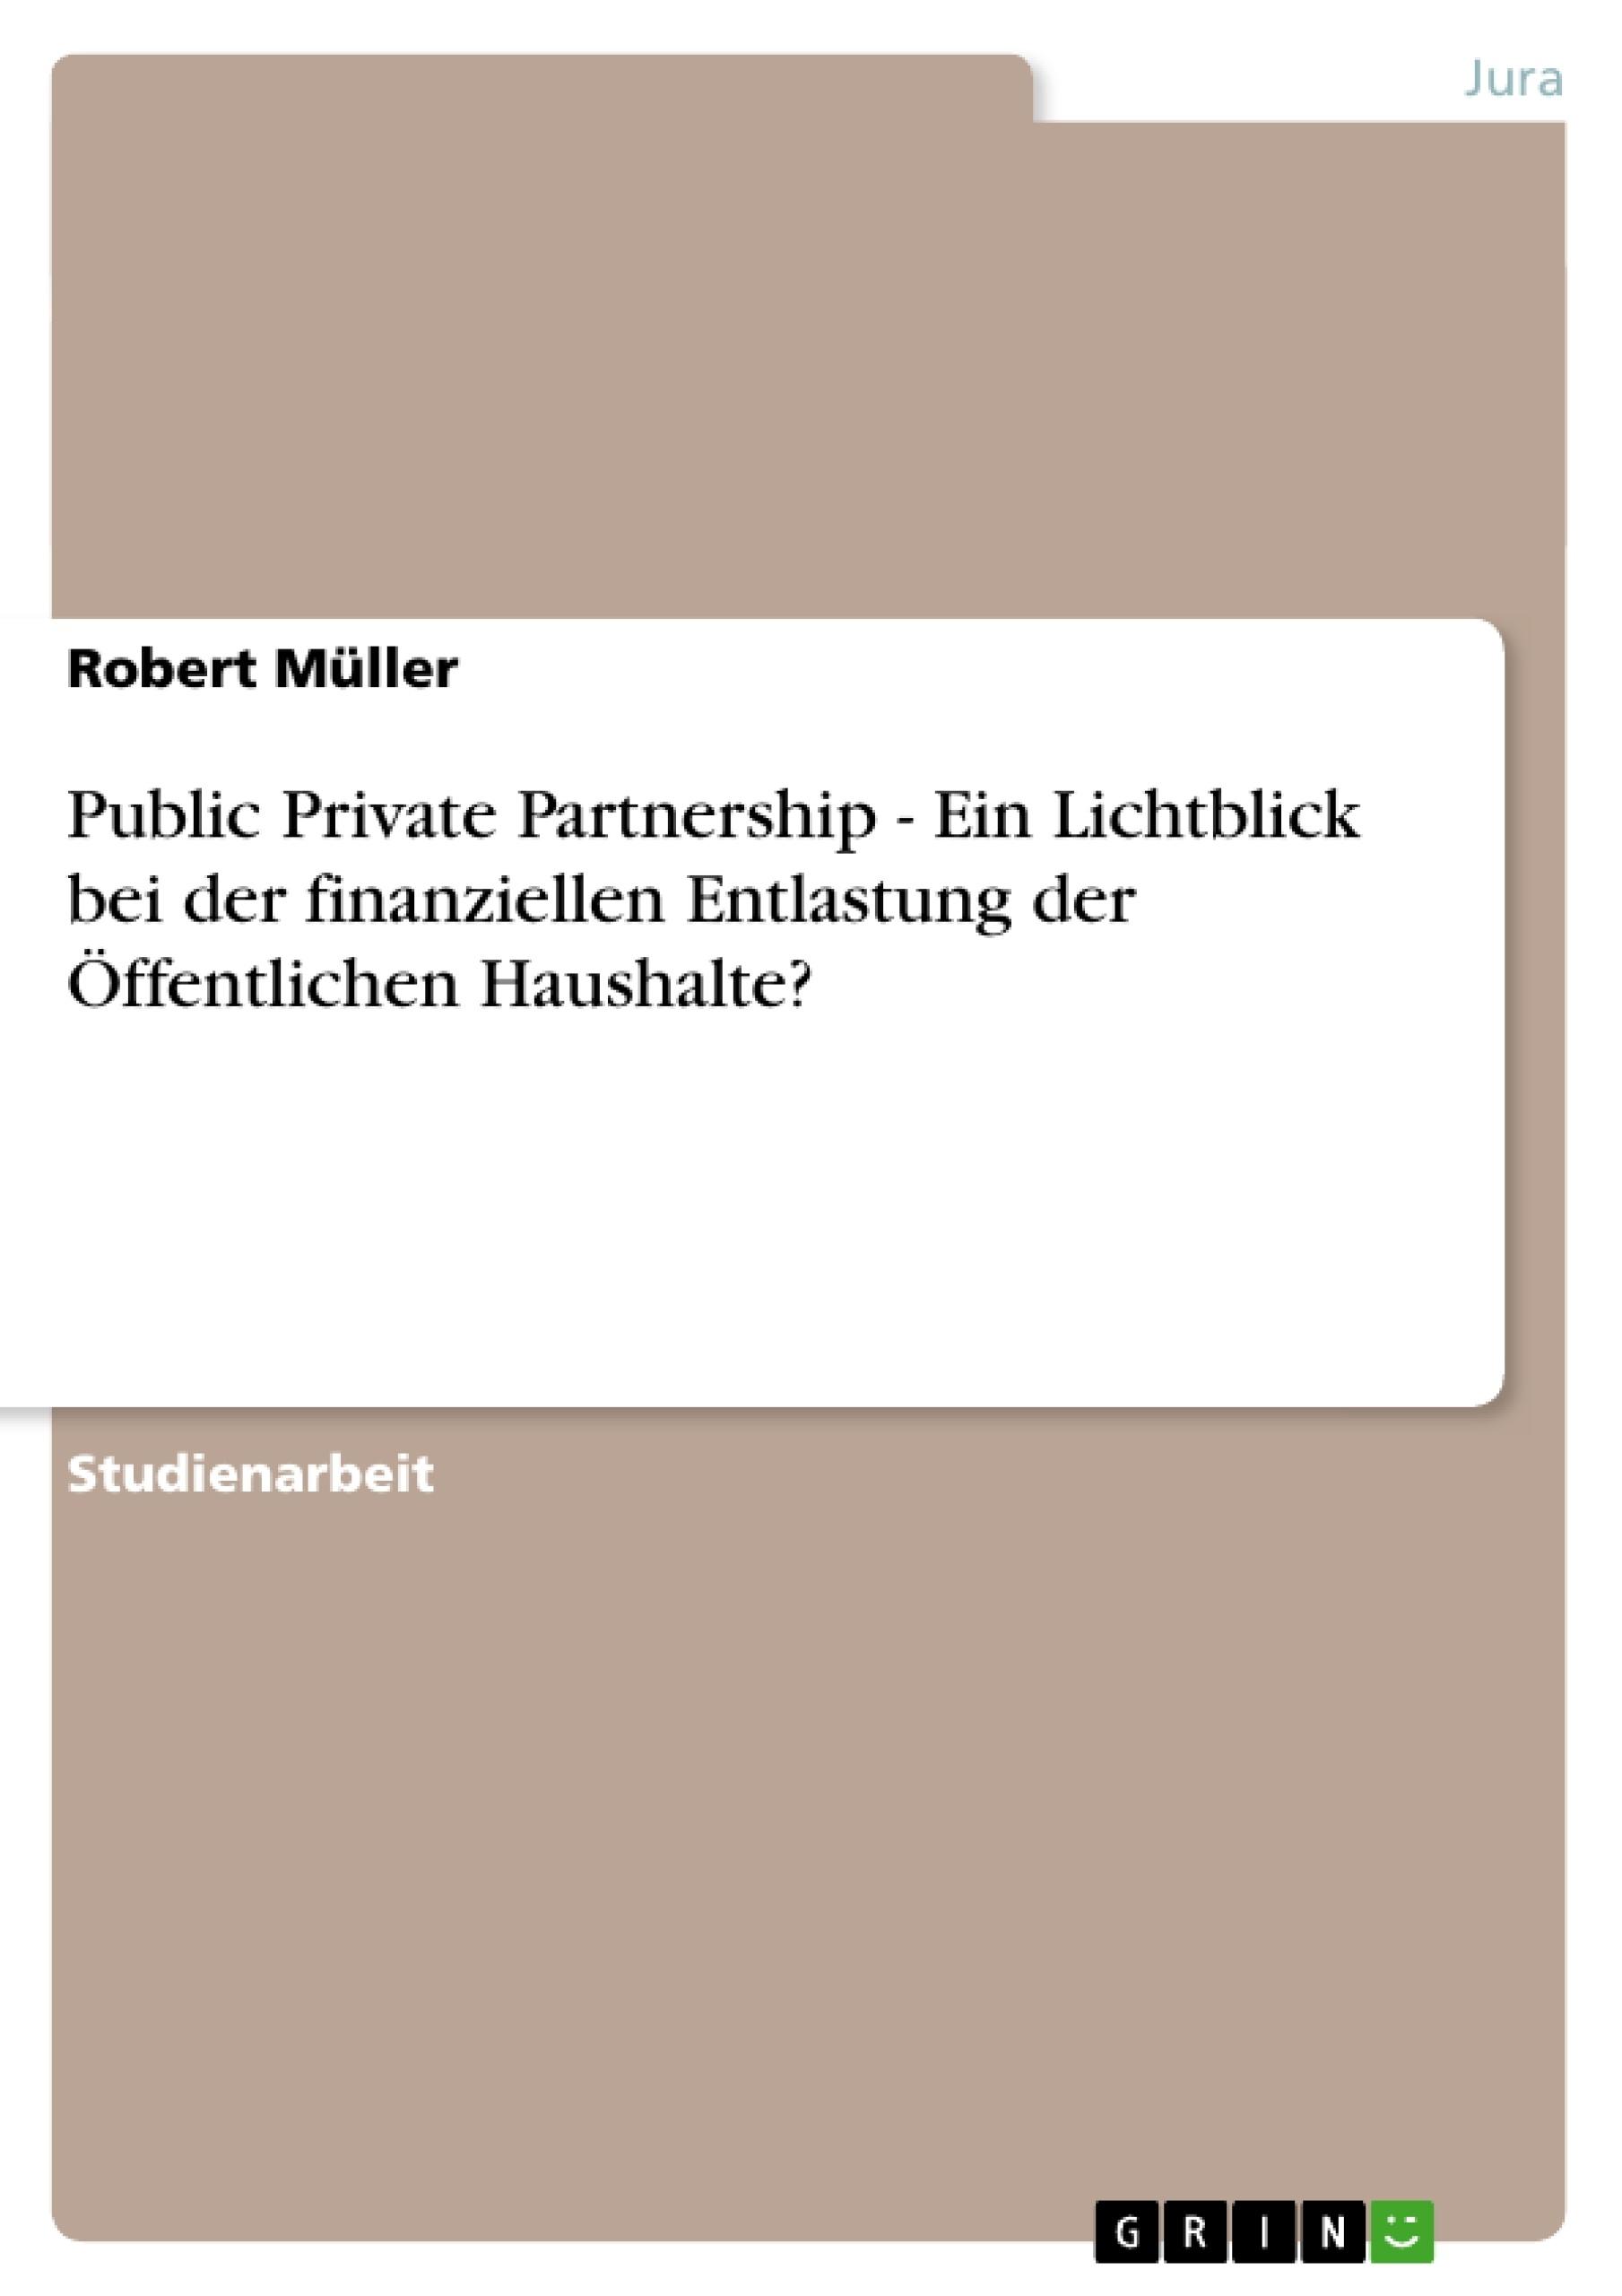 Titel: Public Private Partnership - Ein Lichtblick bei der finanziellen Entlastung der Öffentlichen Haushalte?